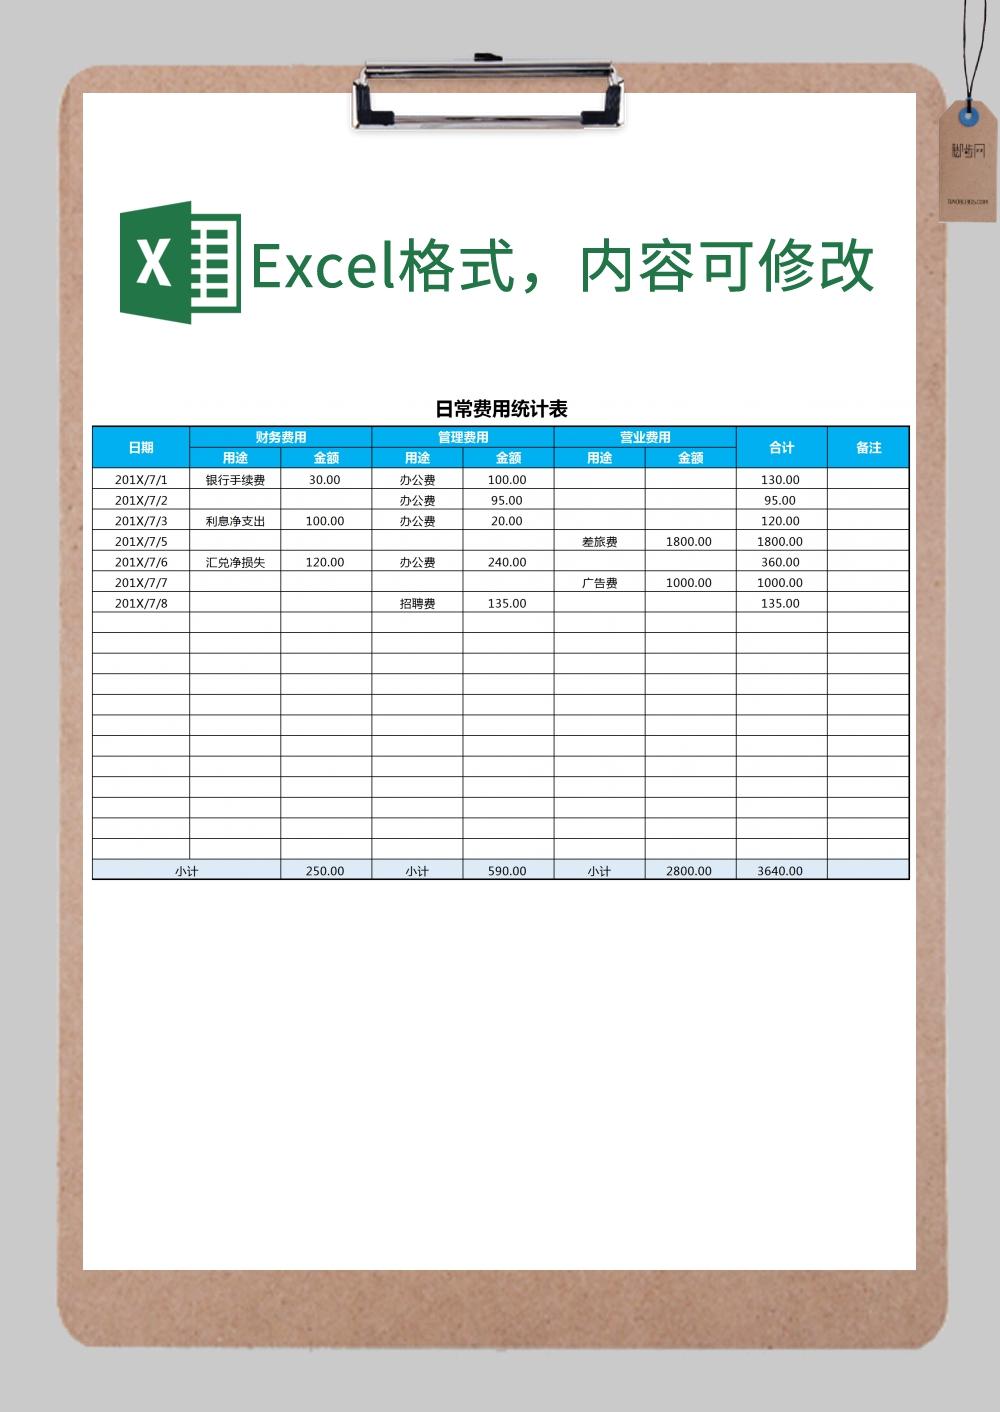 日常费用统计表格excel模板